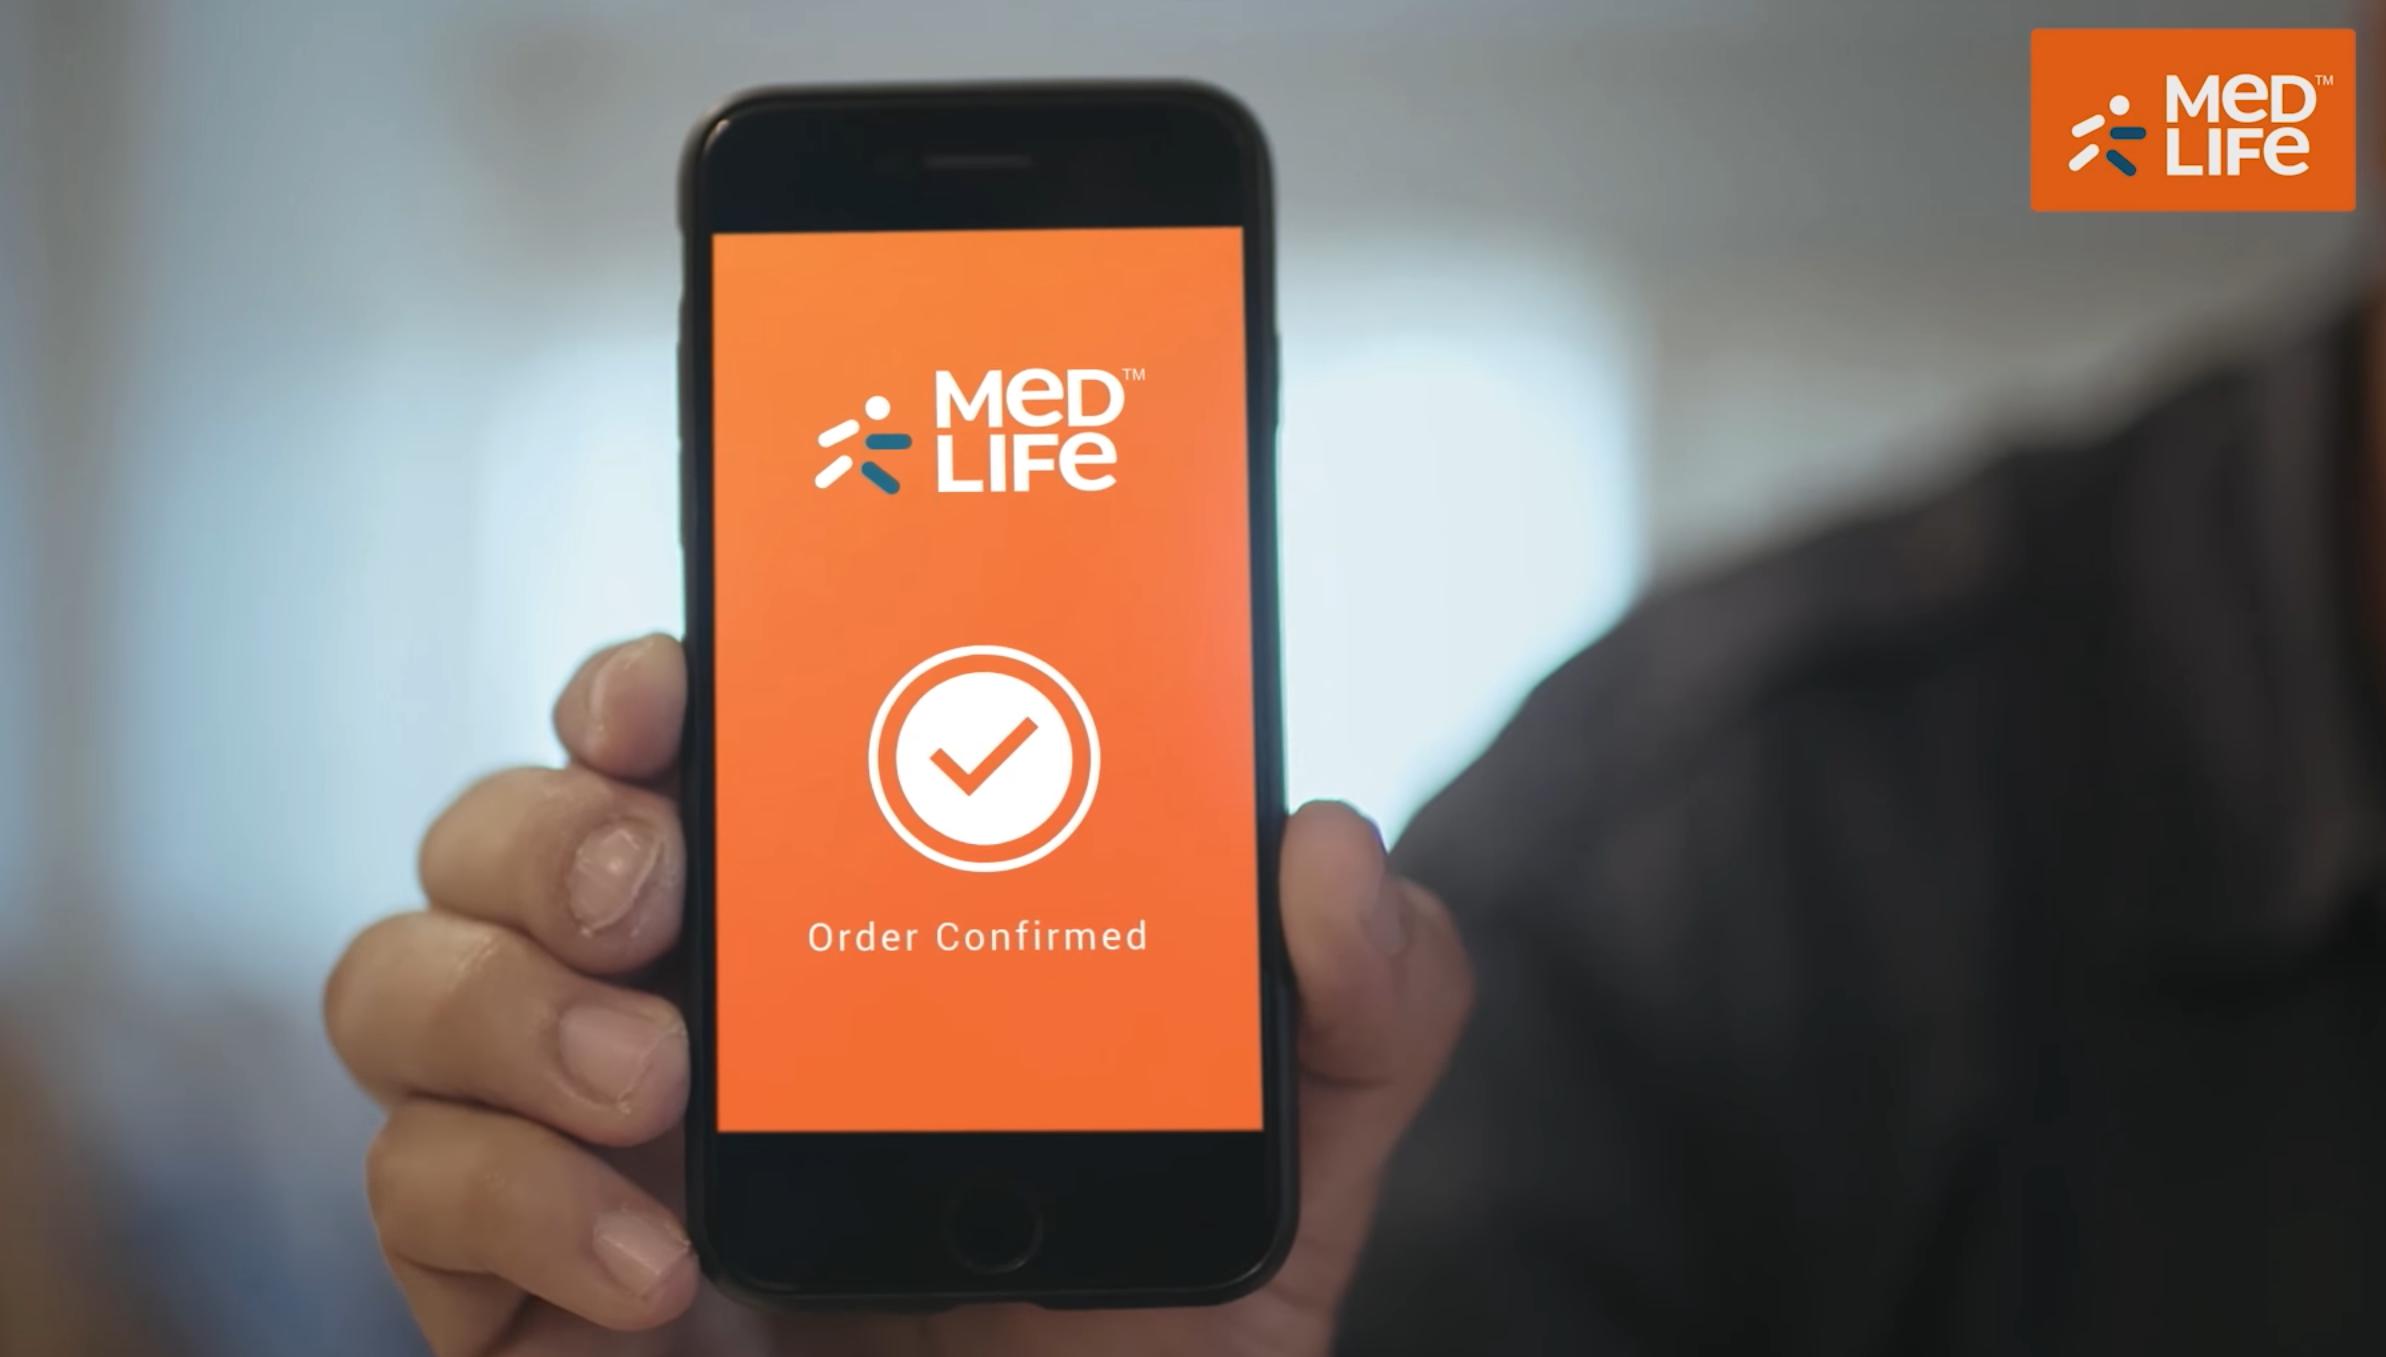 India's Online Pharmacy Medlife Raises INR 173 Cr